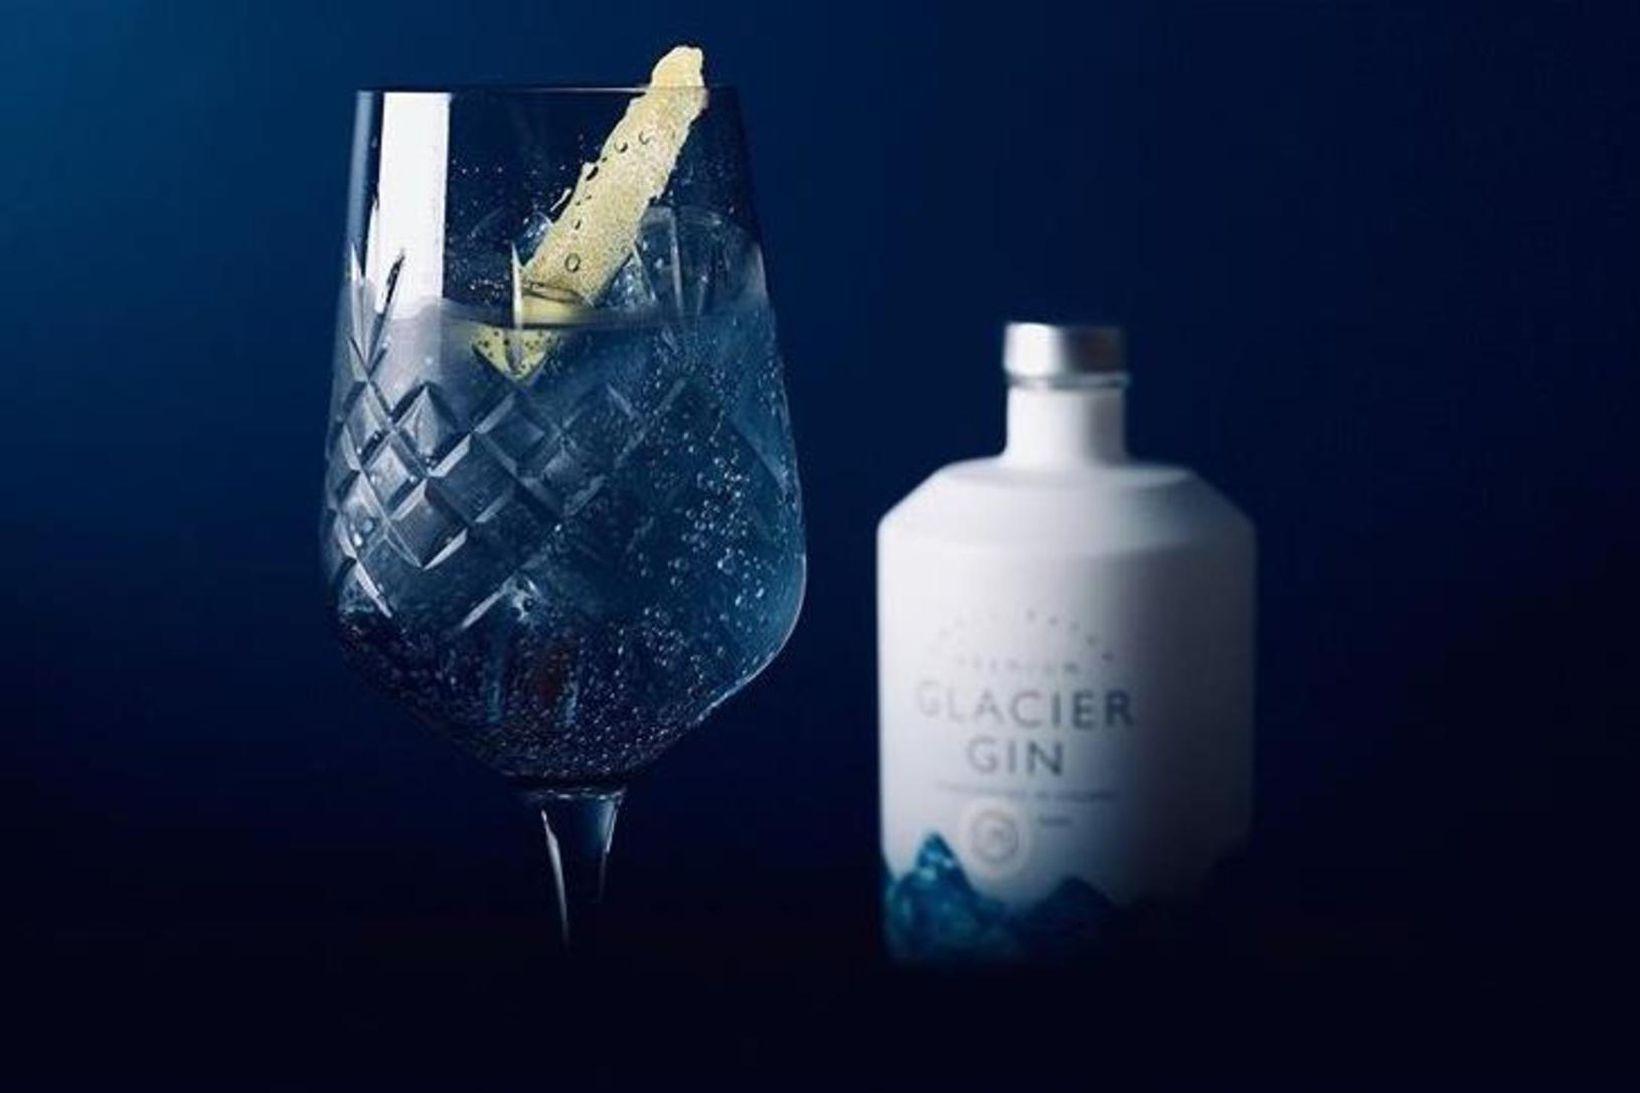 Glacier gin var að kynna nýtt léttgin á markað. Og …